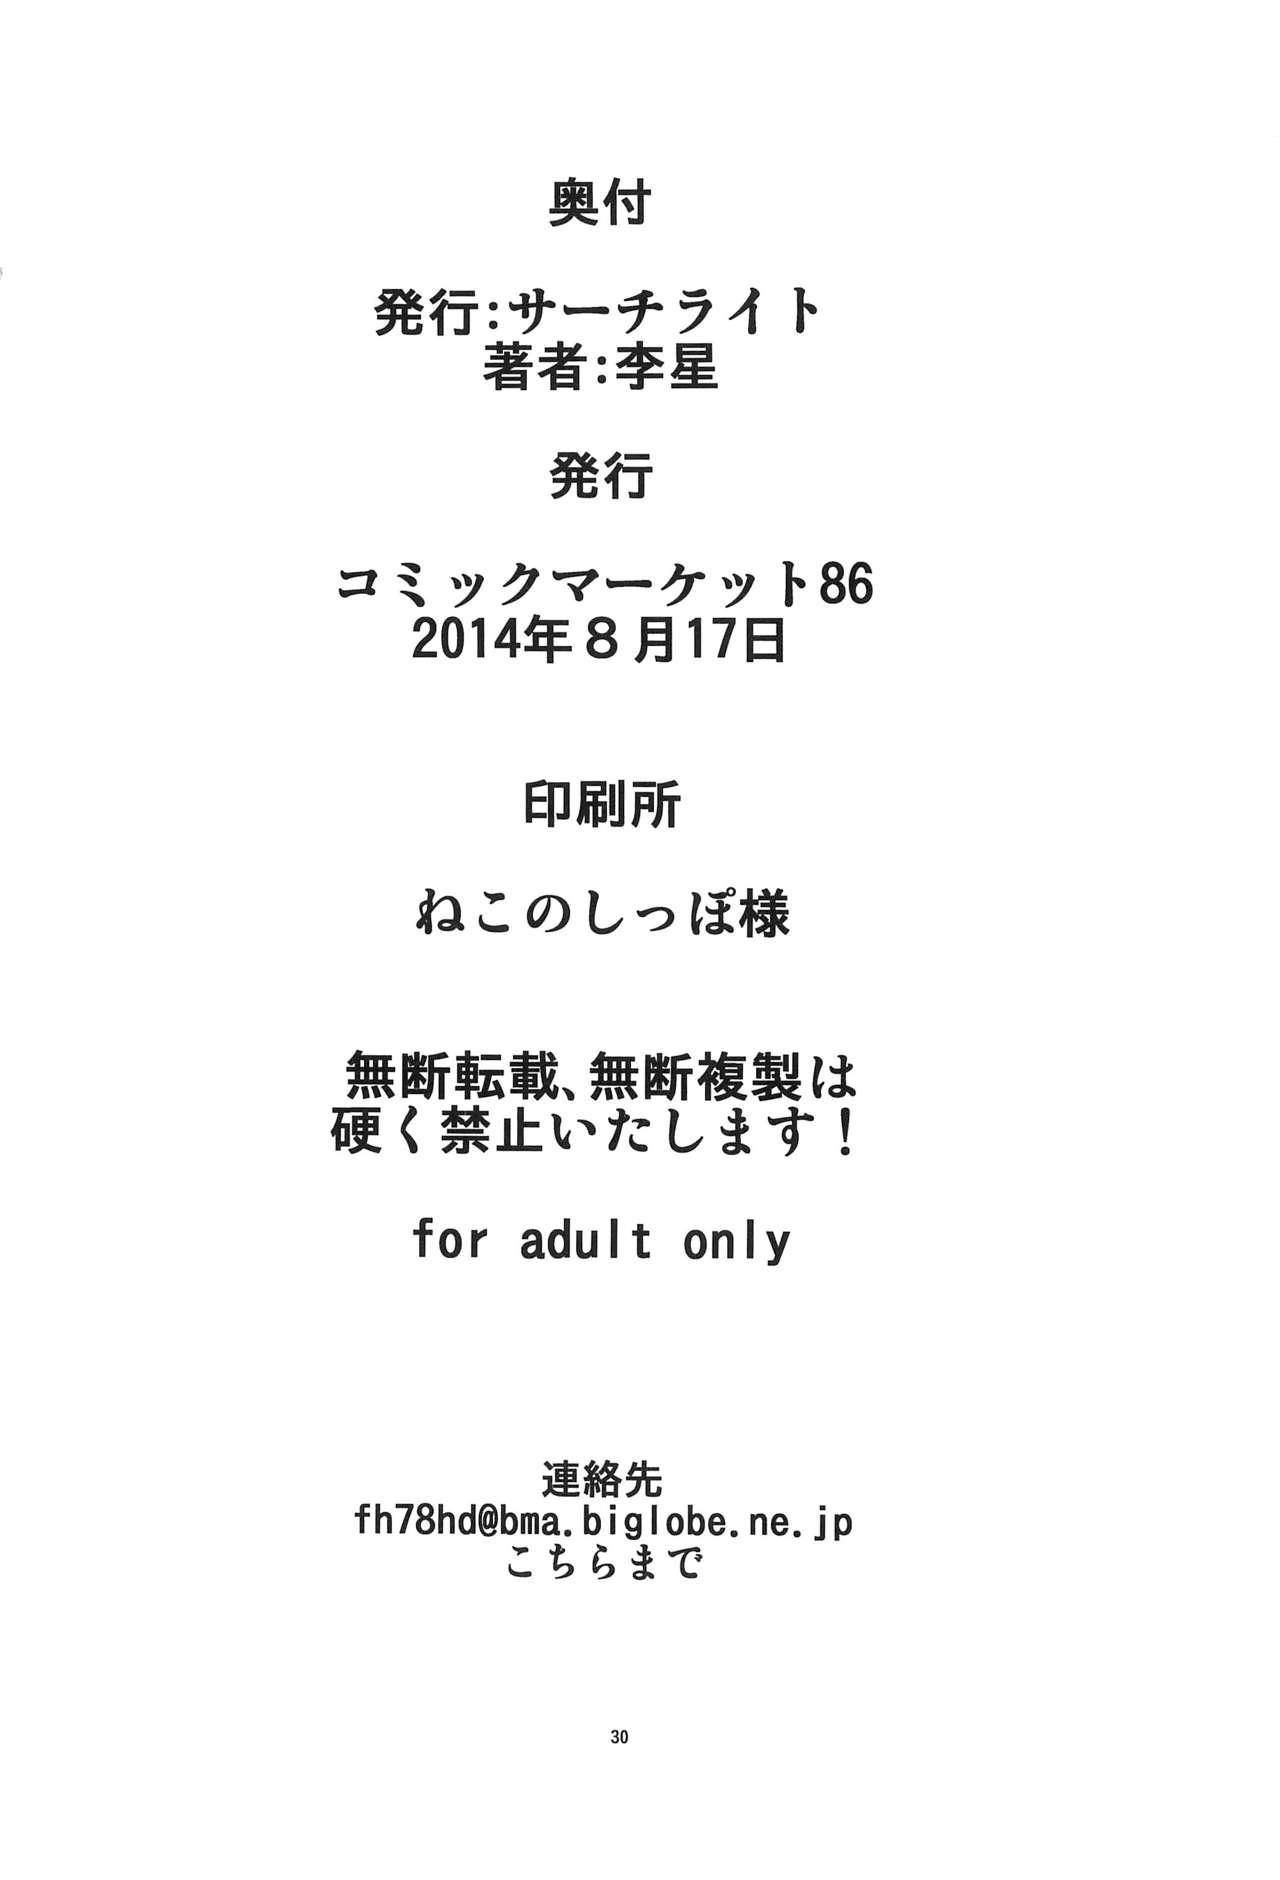 NTR Haramasare Ubawareta Aibou 28